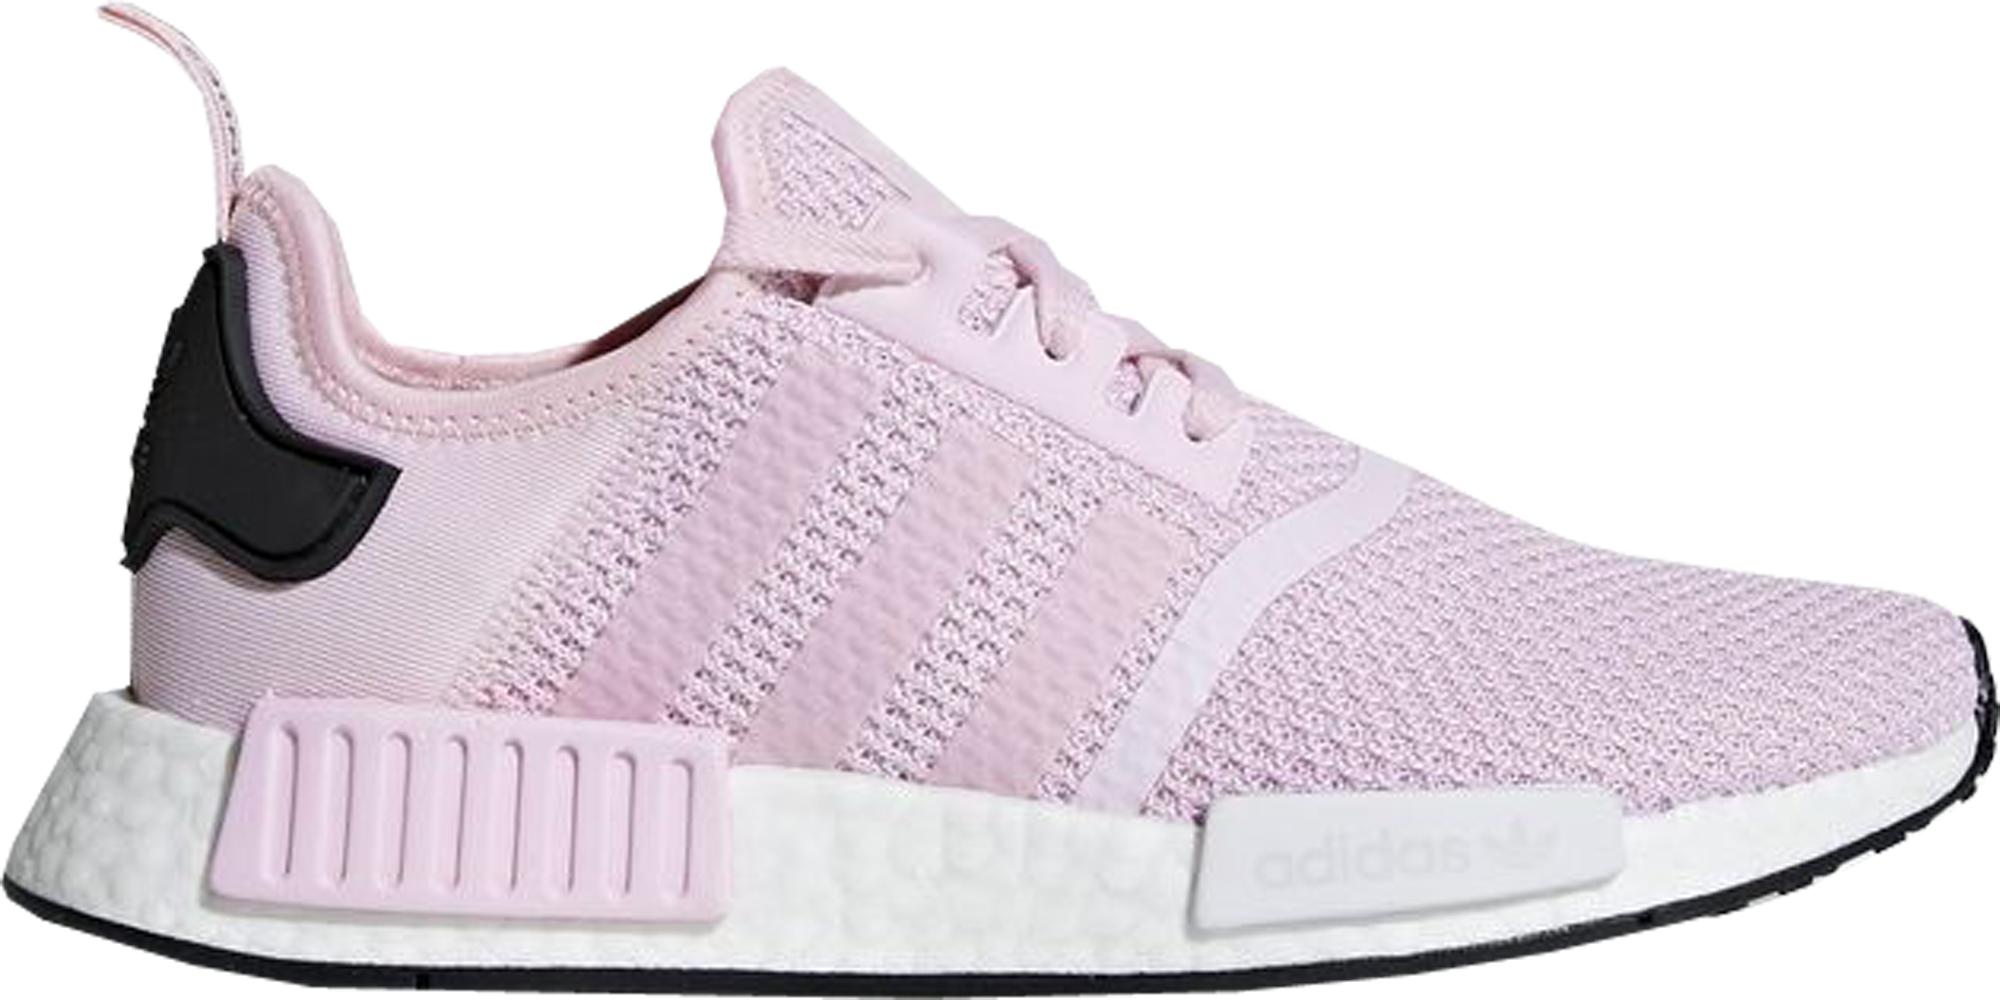 adidas NMD R1 Clear Pink (W)